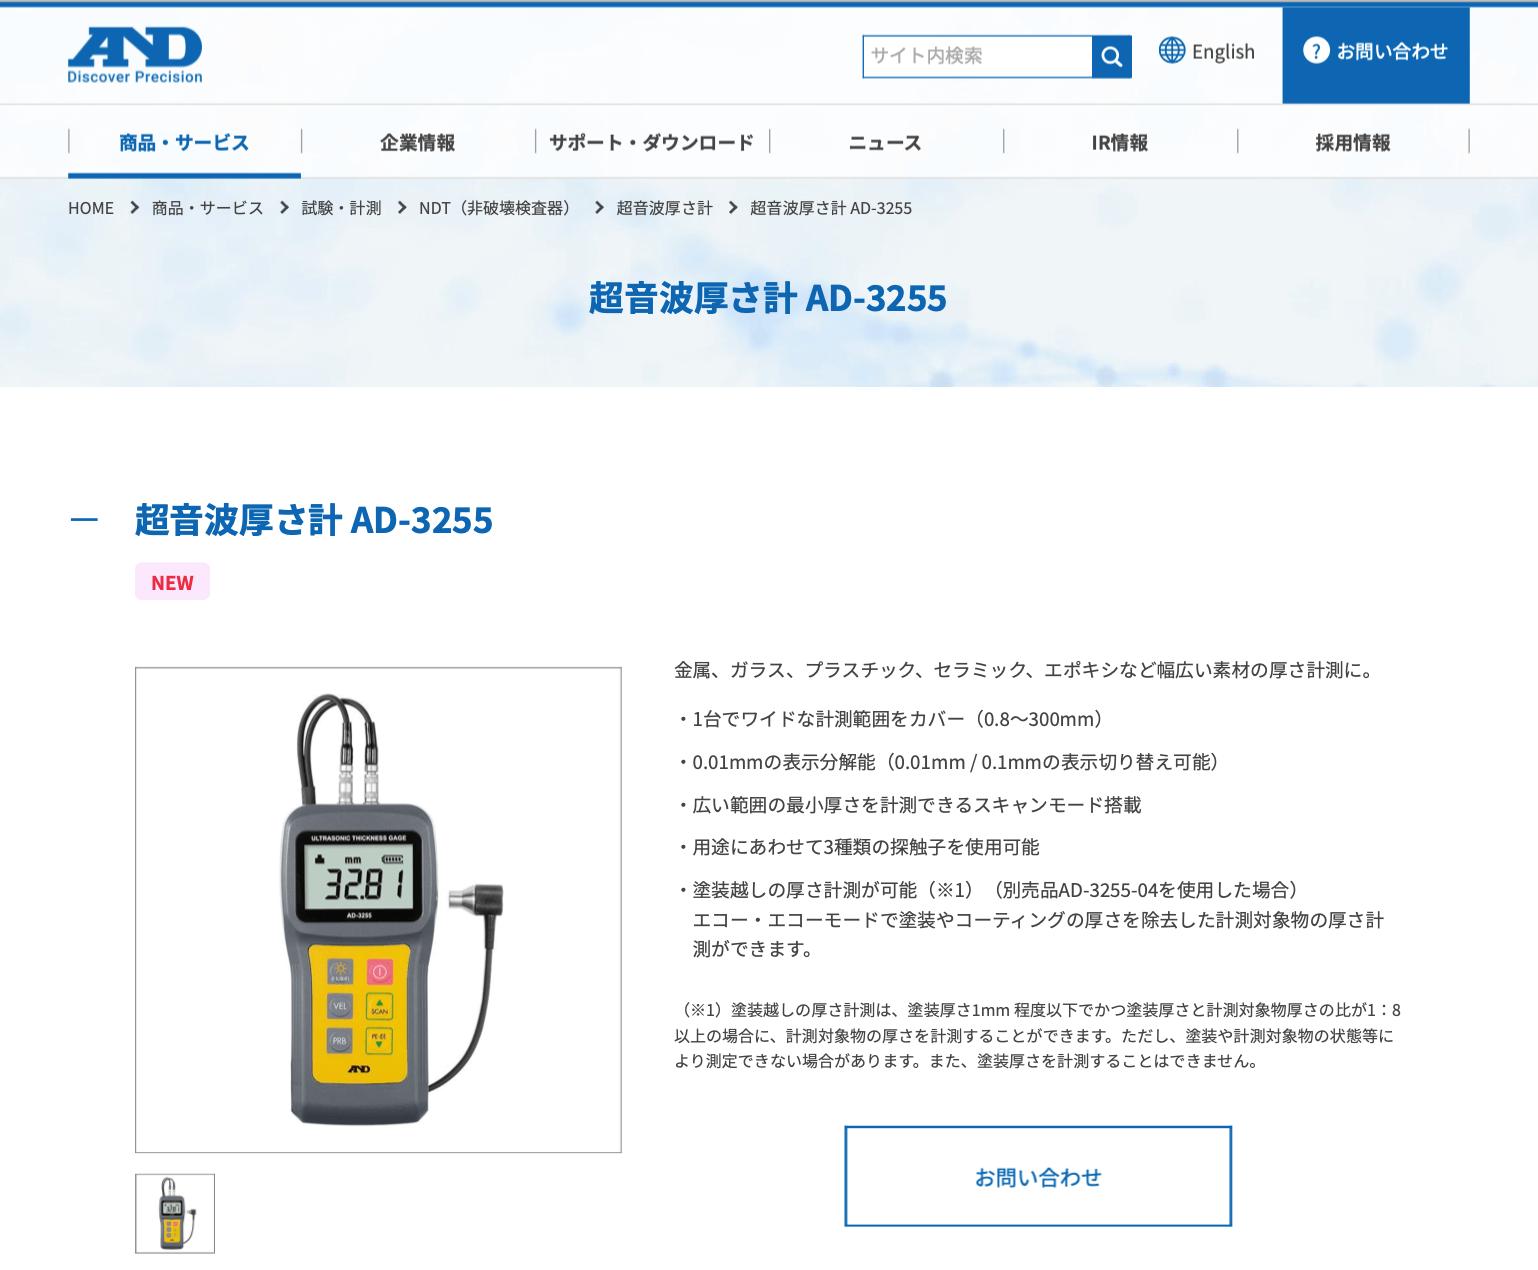 超音波厚さ計 AD-3255